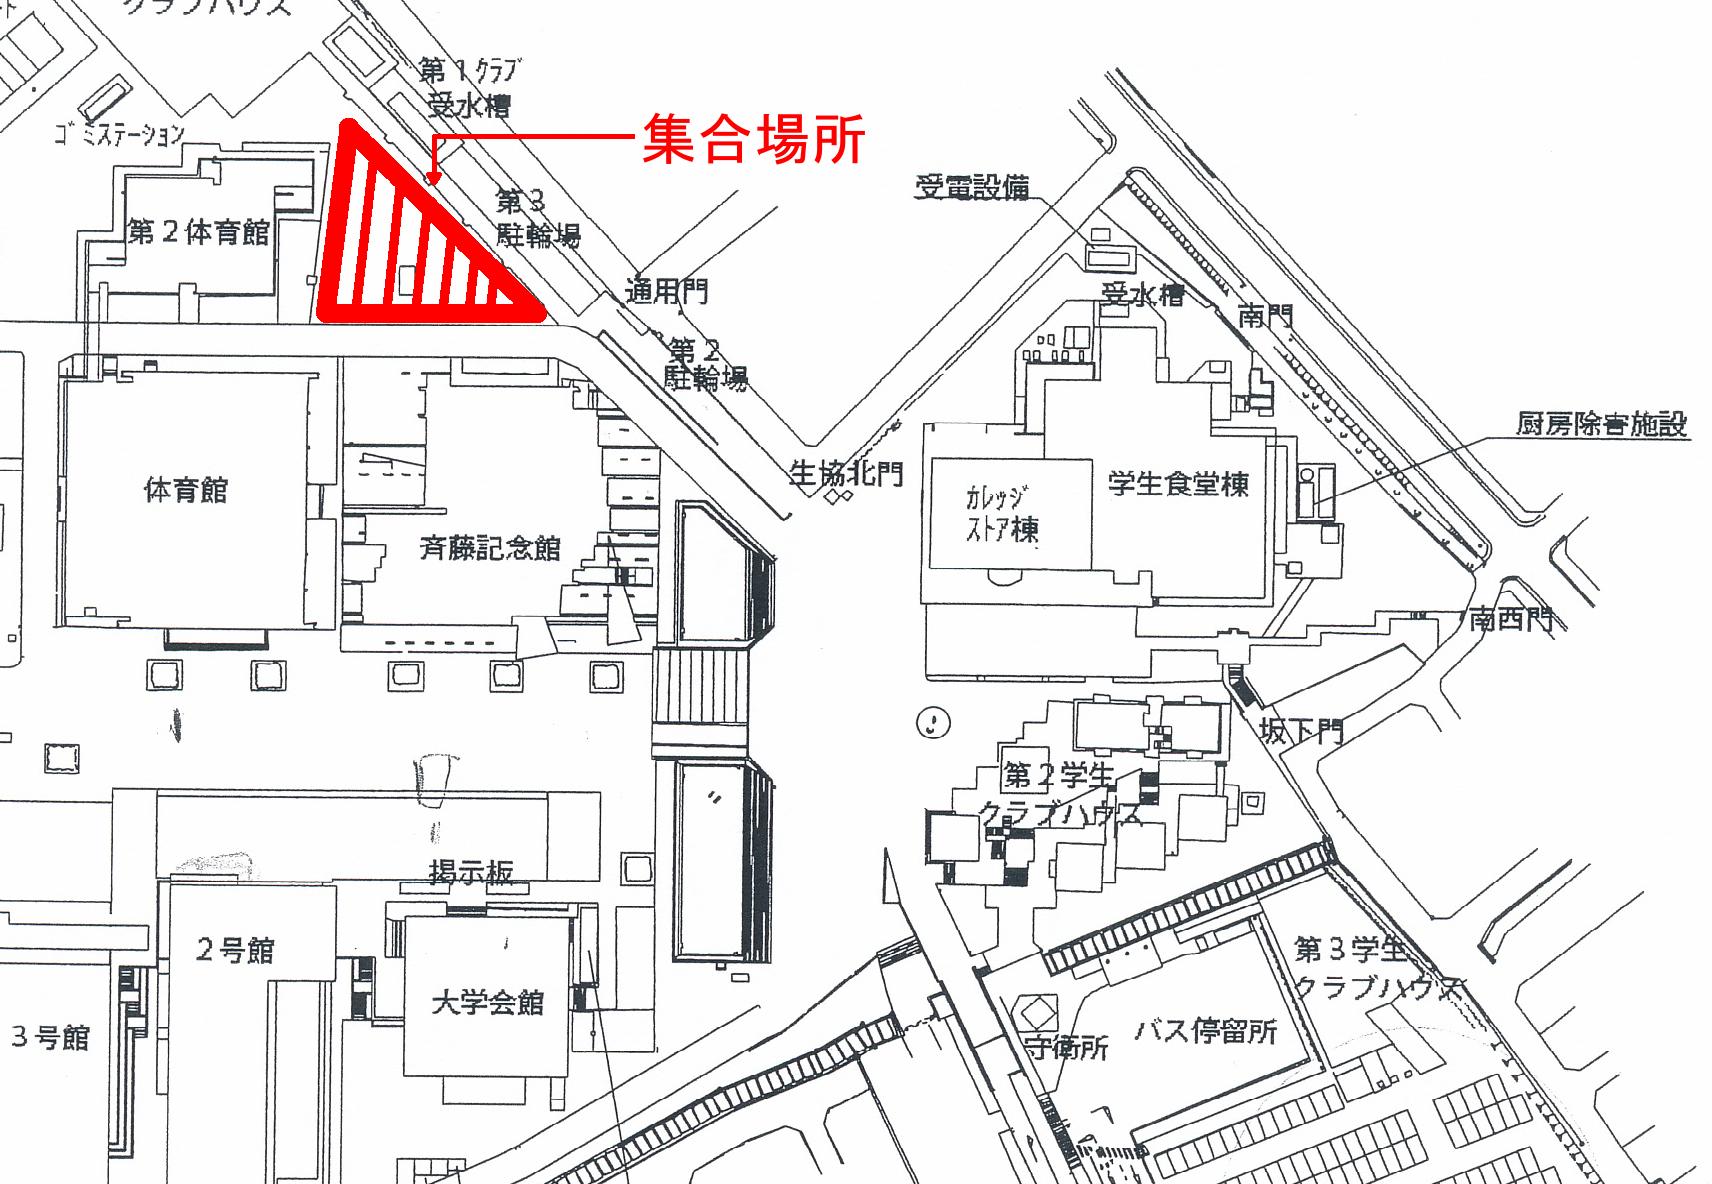 2015大宮祭 列形成場所